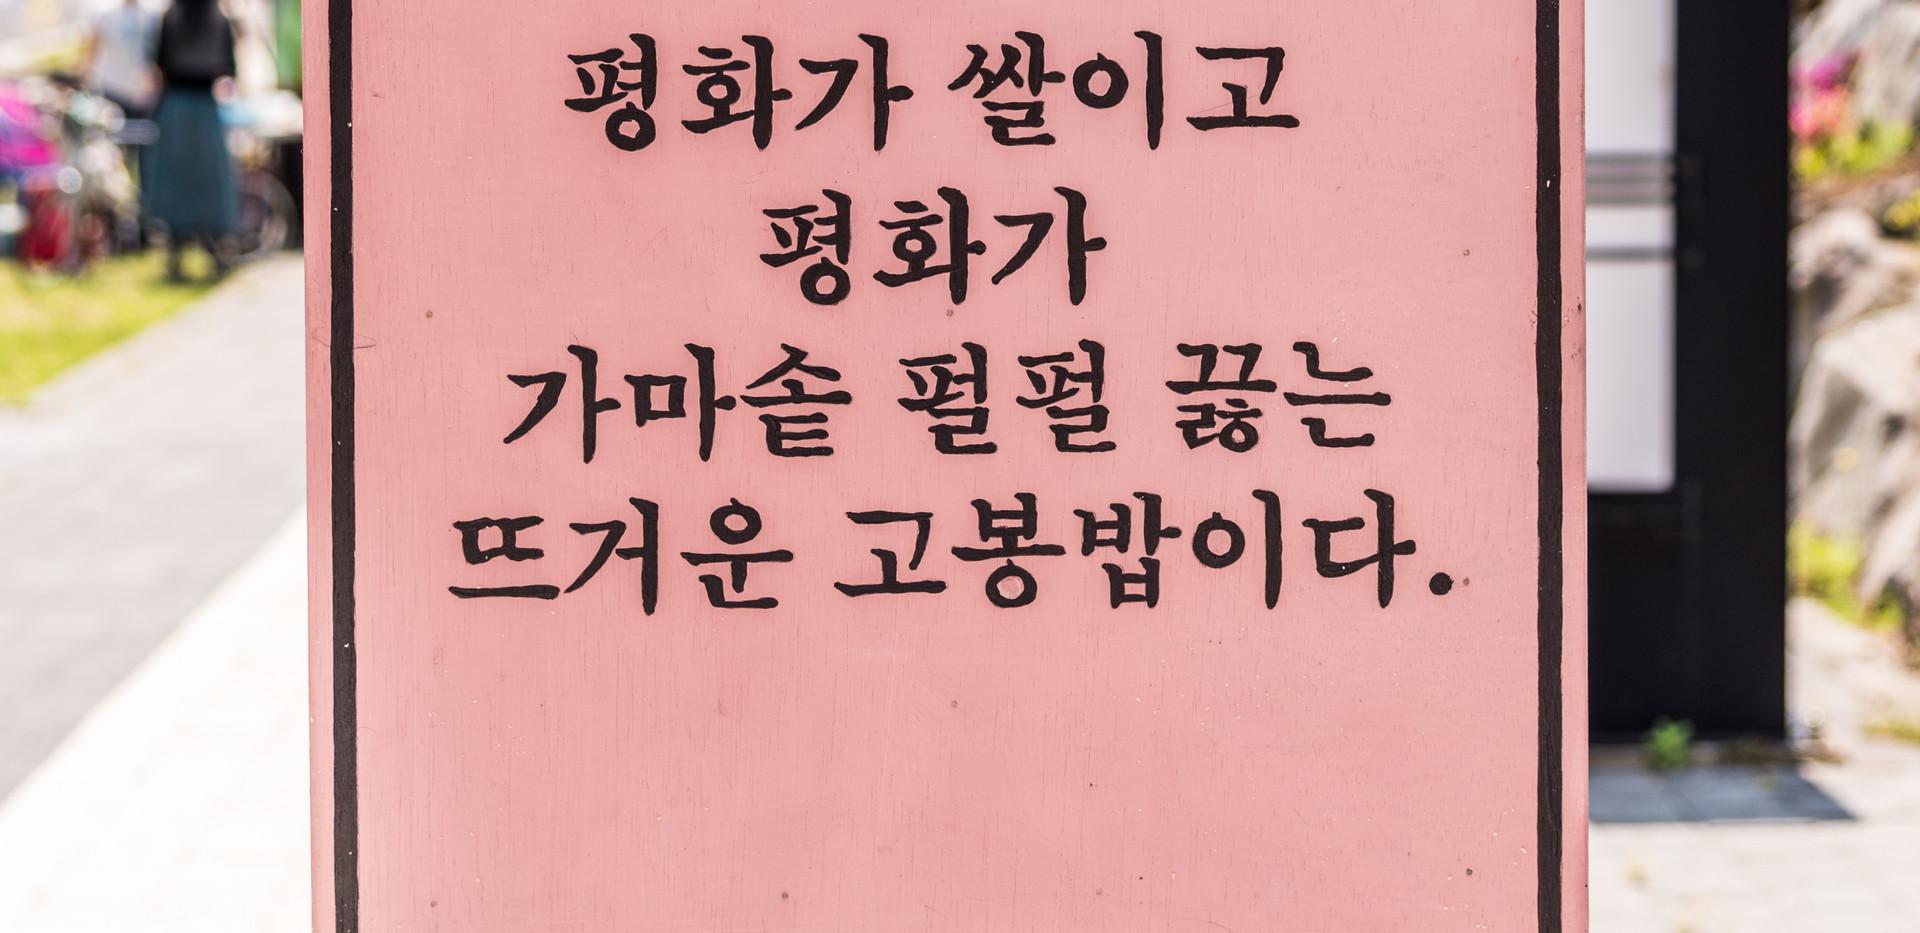 YangsanG_20190505_0021_2.jpg